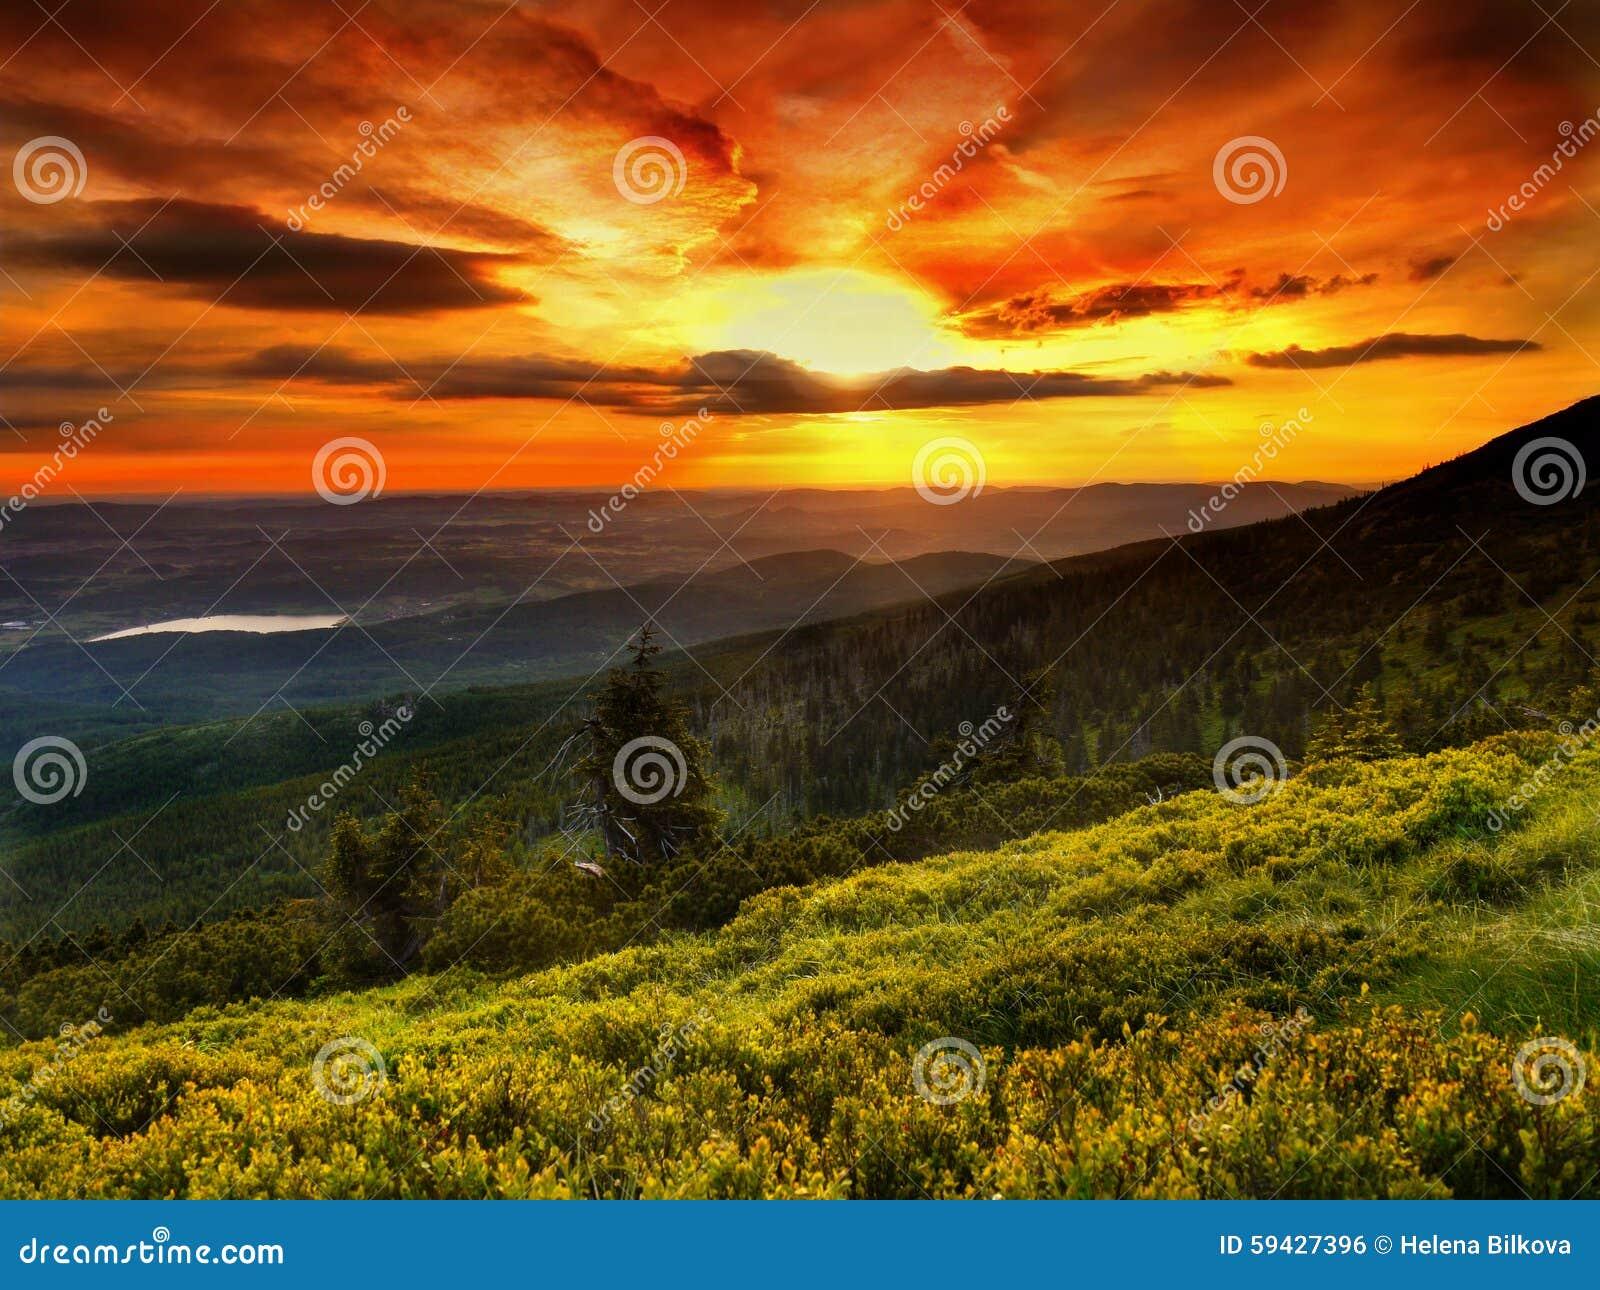 Landschap, Magische kleuren, Zonsopgang, Bergweide